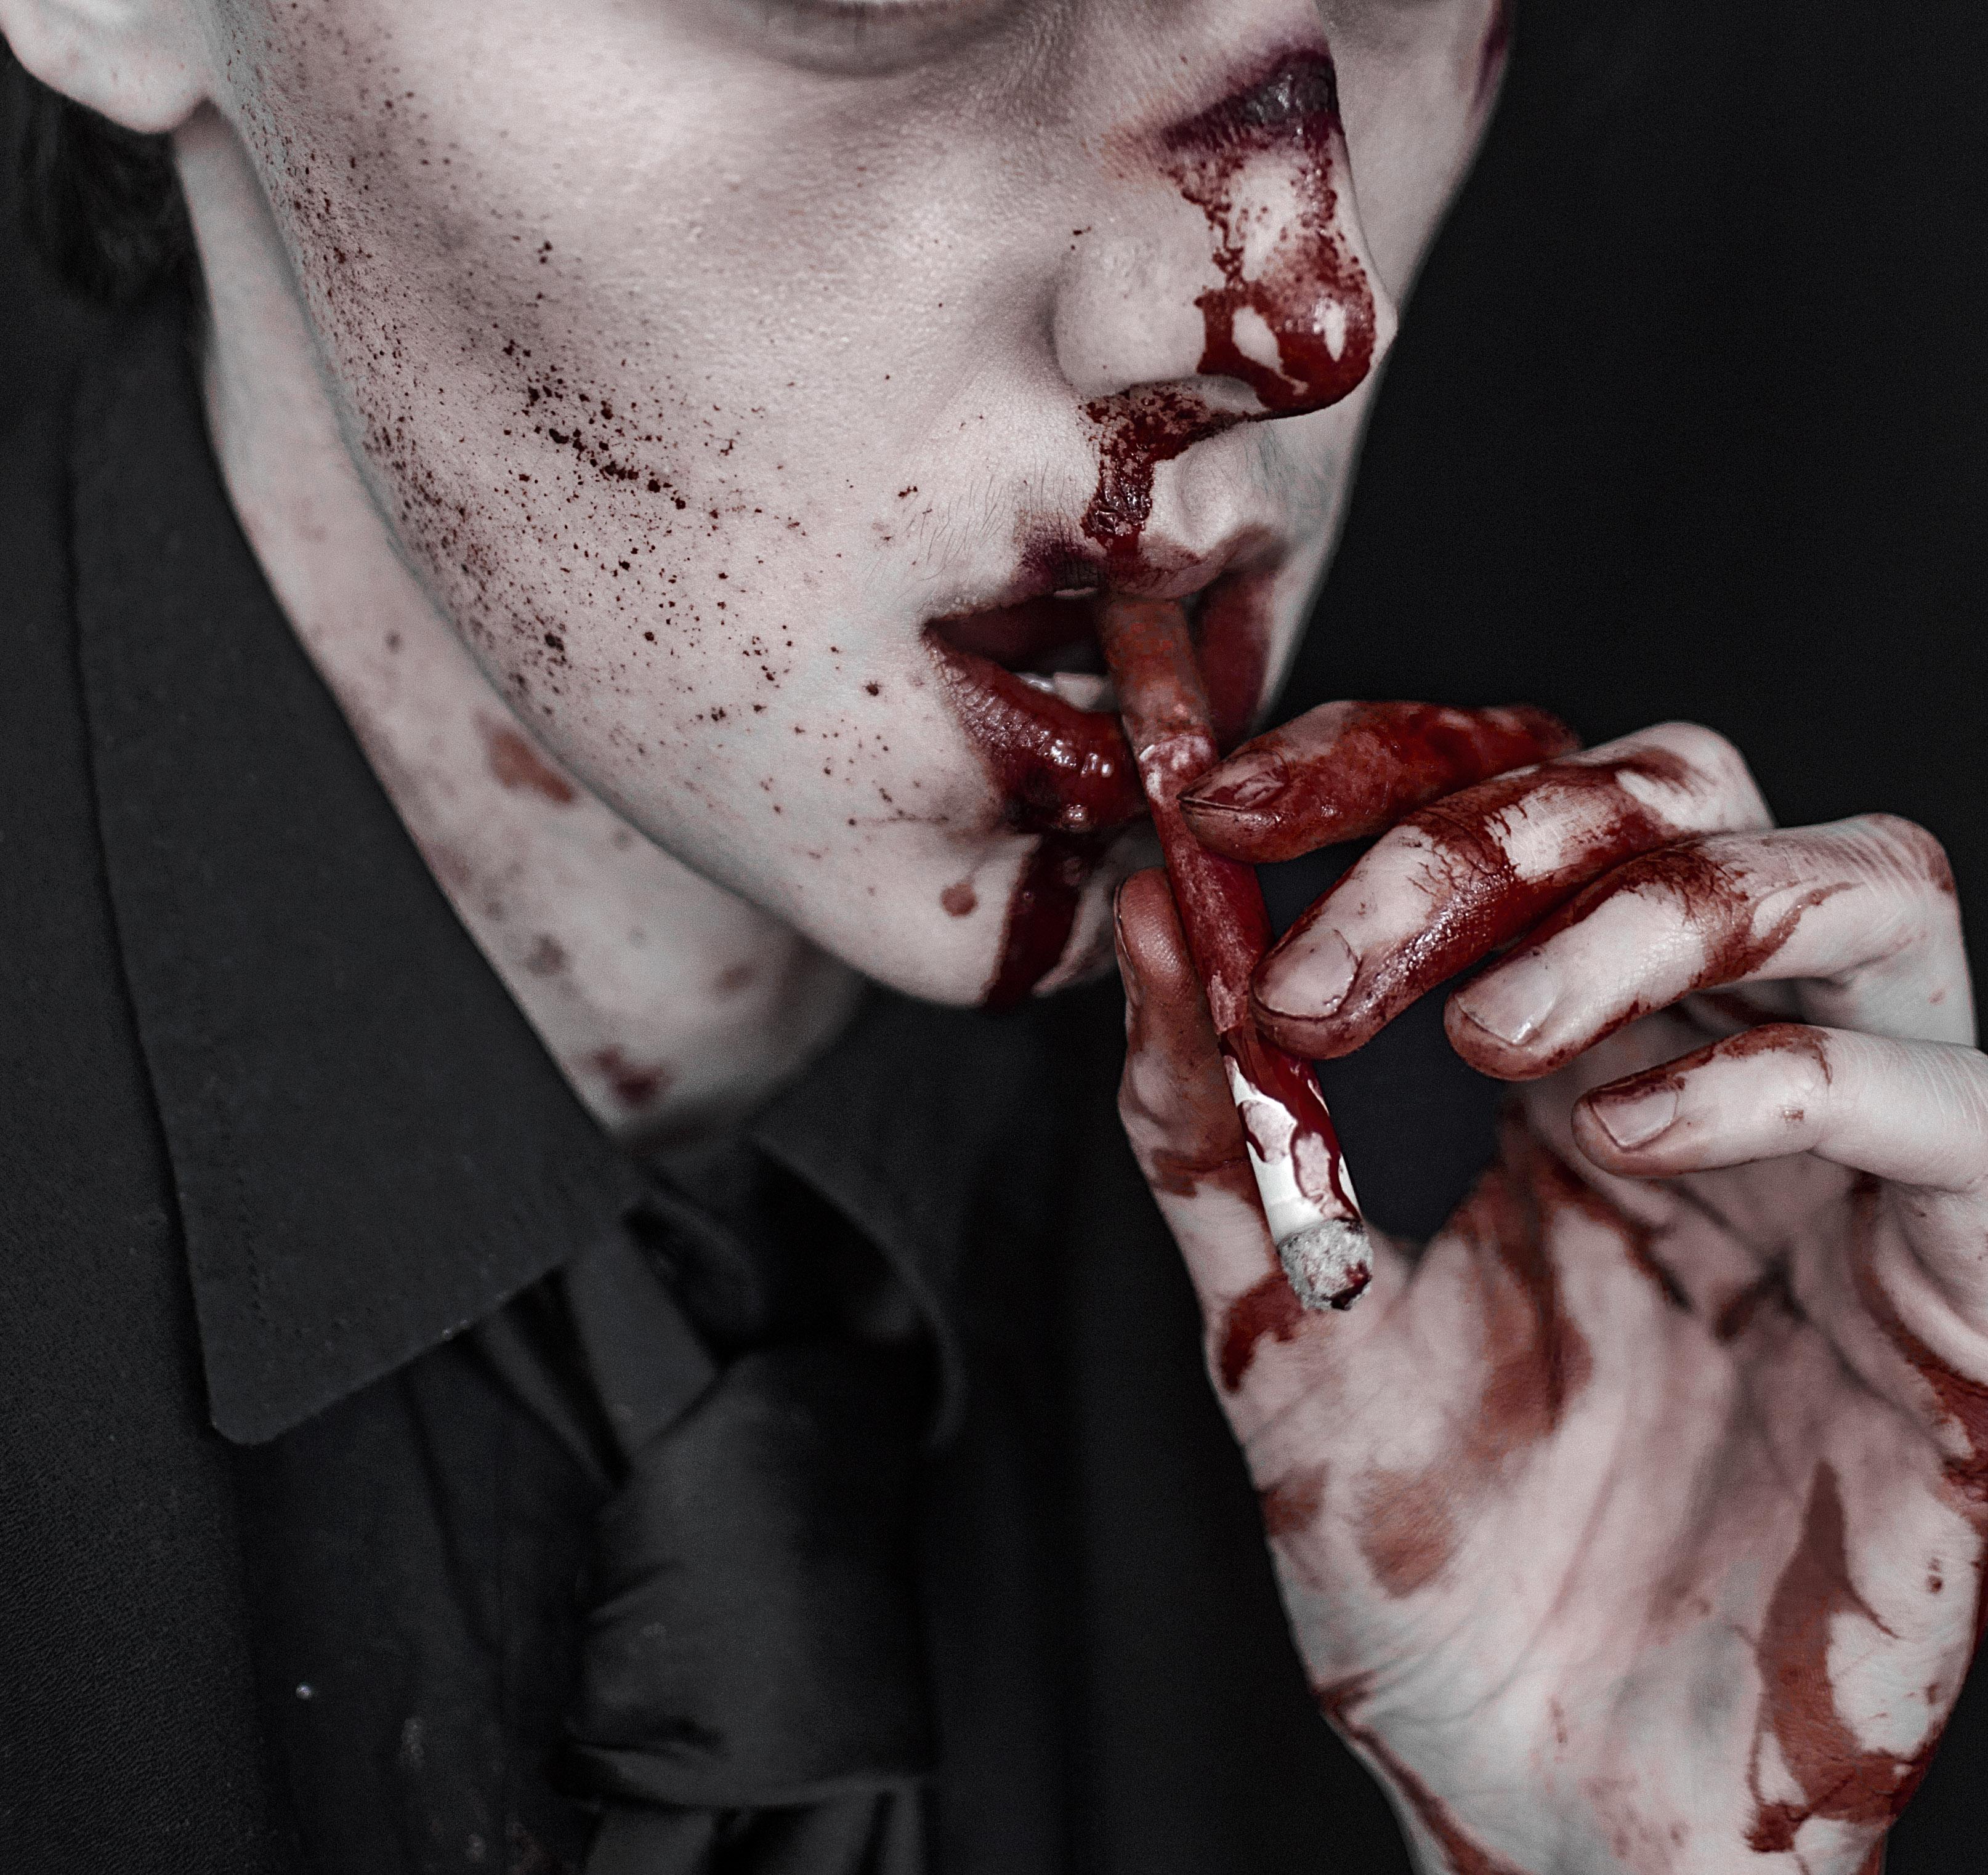 Кровавые картинки для пацанов на аву